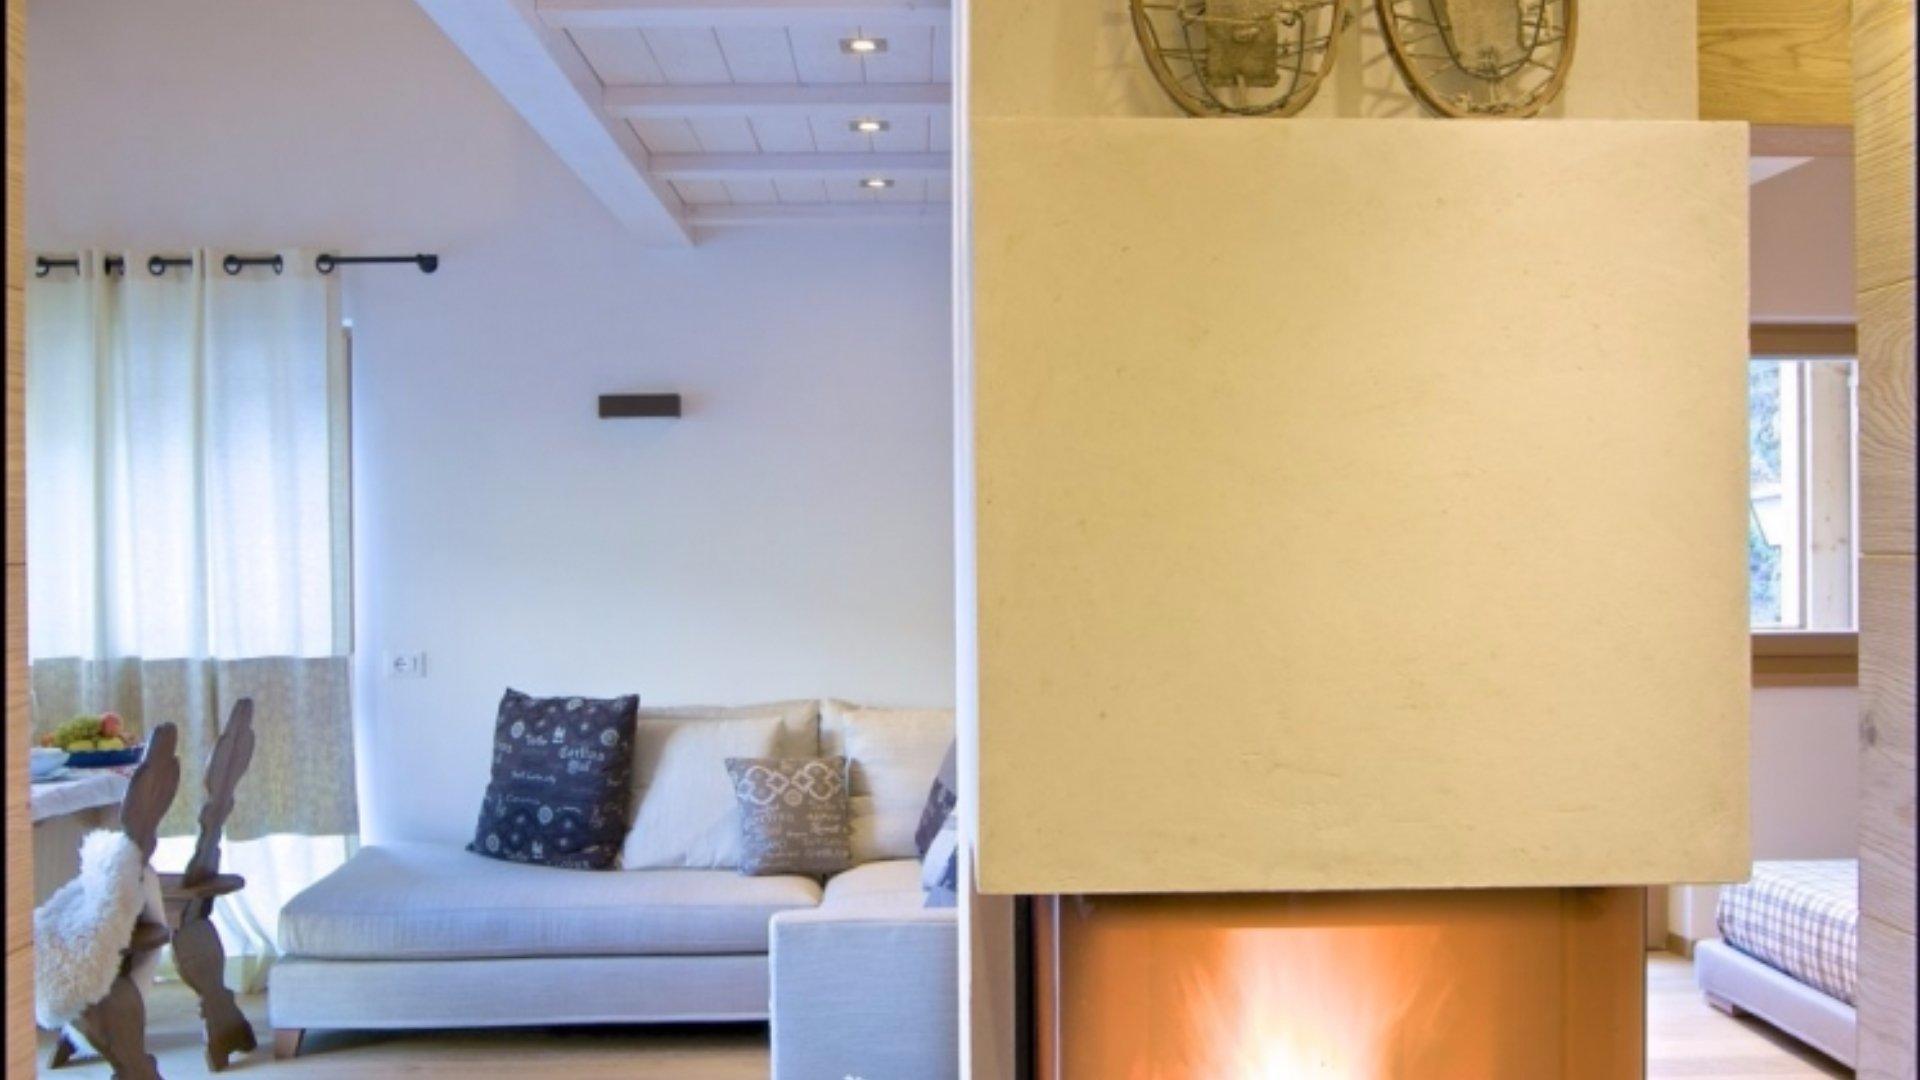 Residenza privata - Val Badia - Bz 3